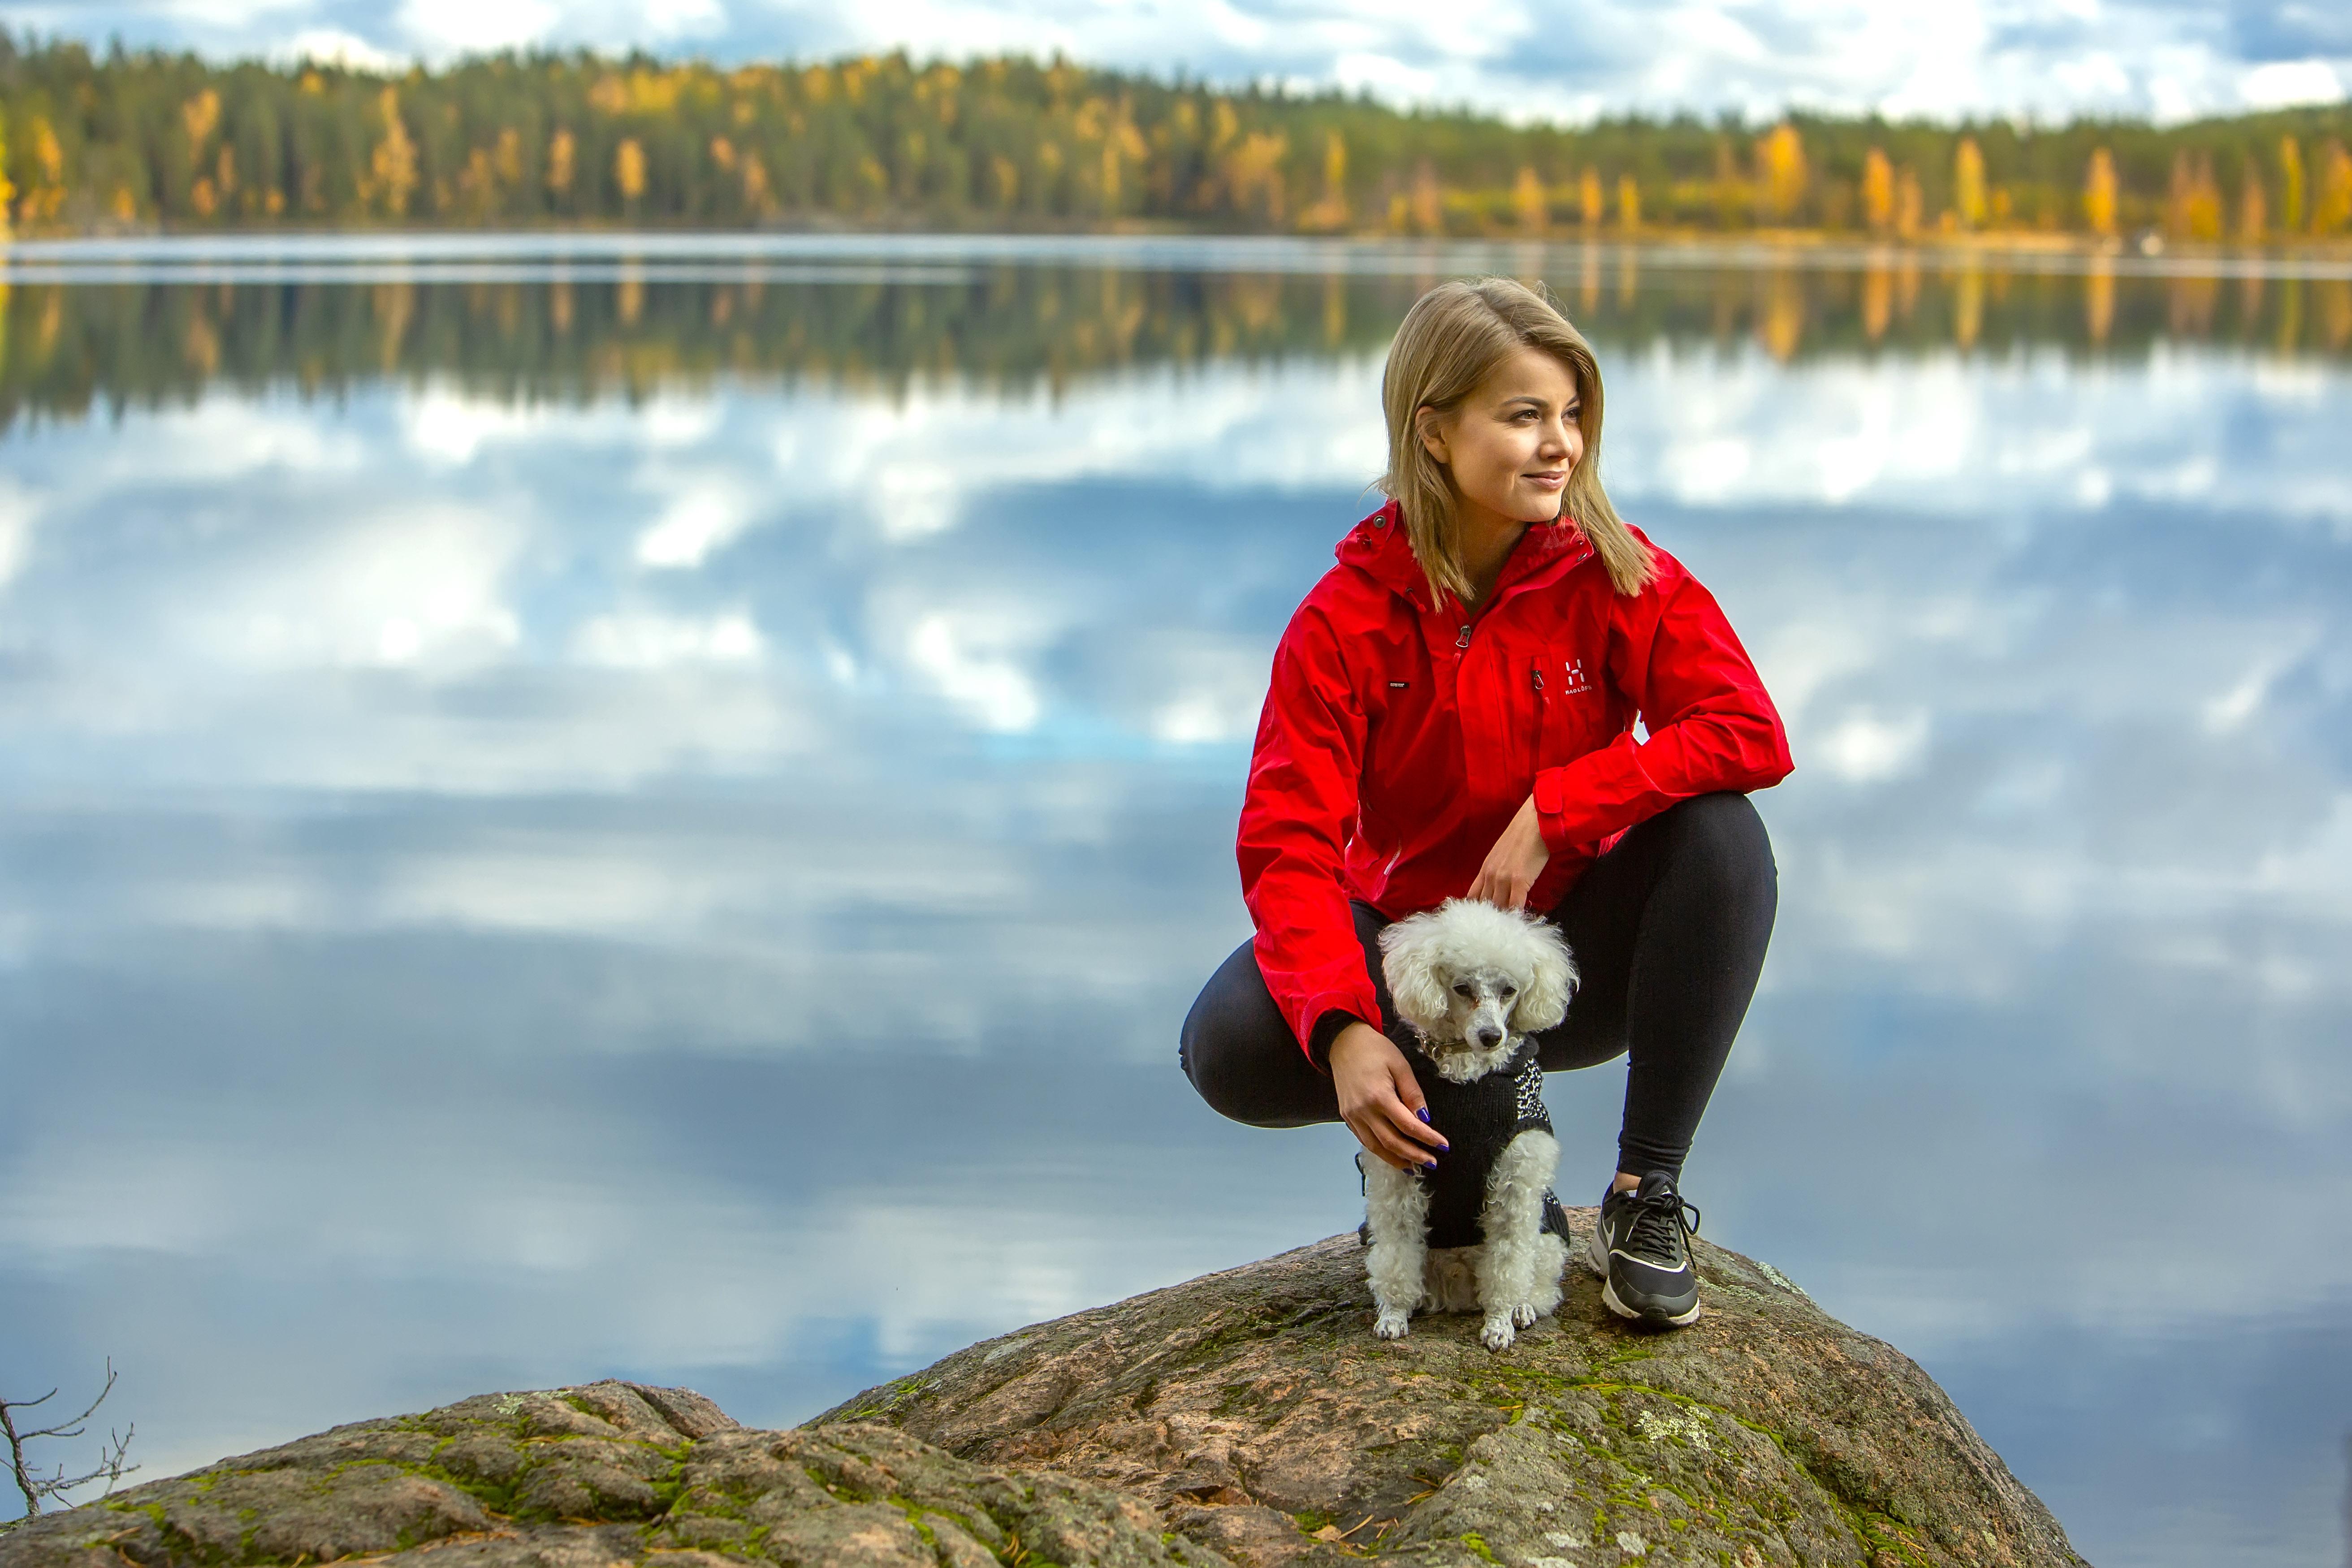 Janni Hussi vierailee Repoveden kansallispuistossa niin usein kuin mahdollista.